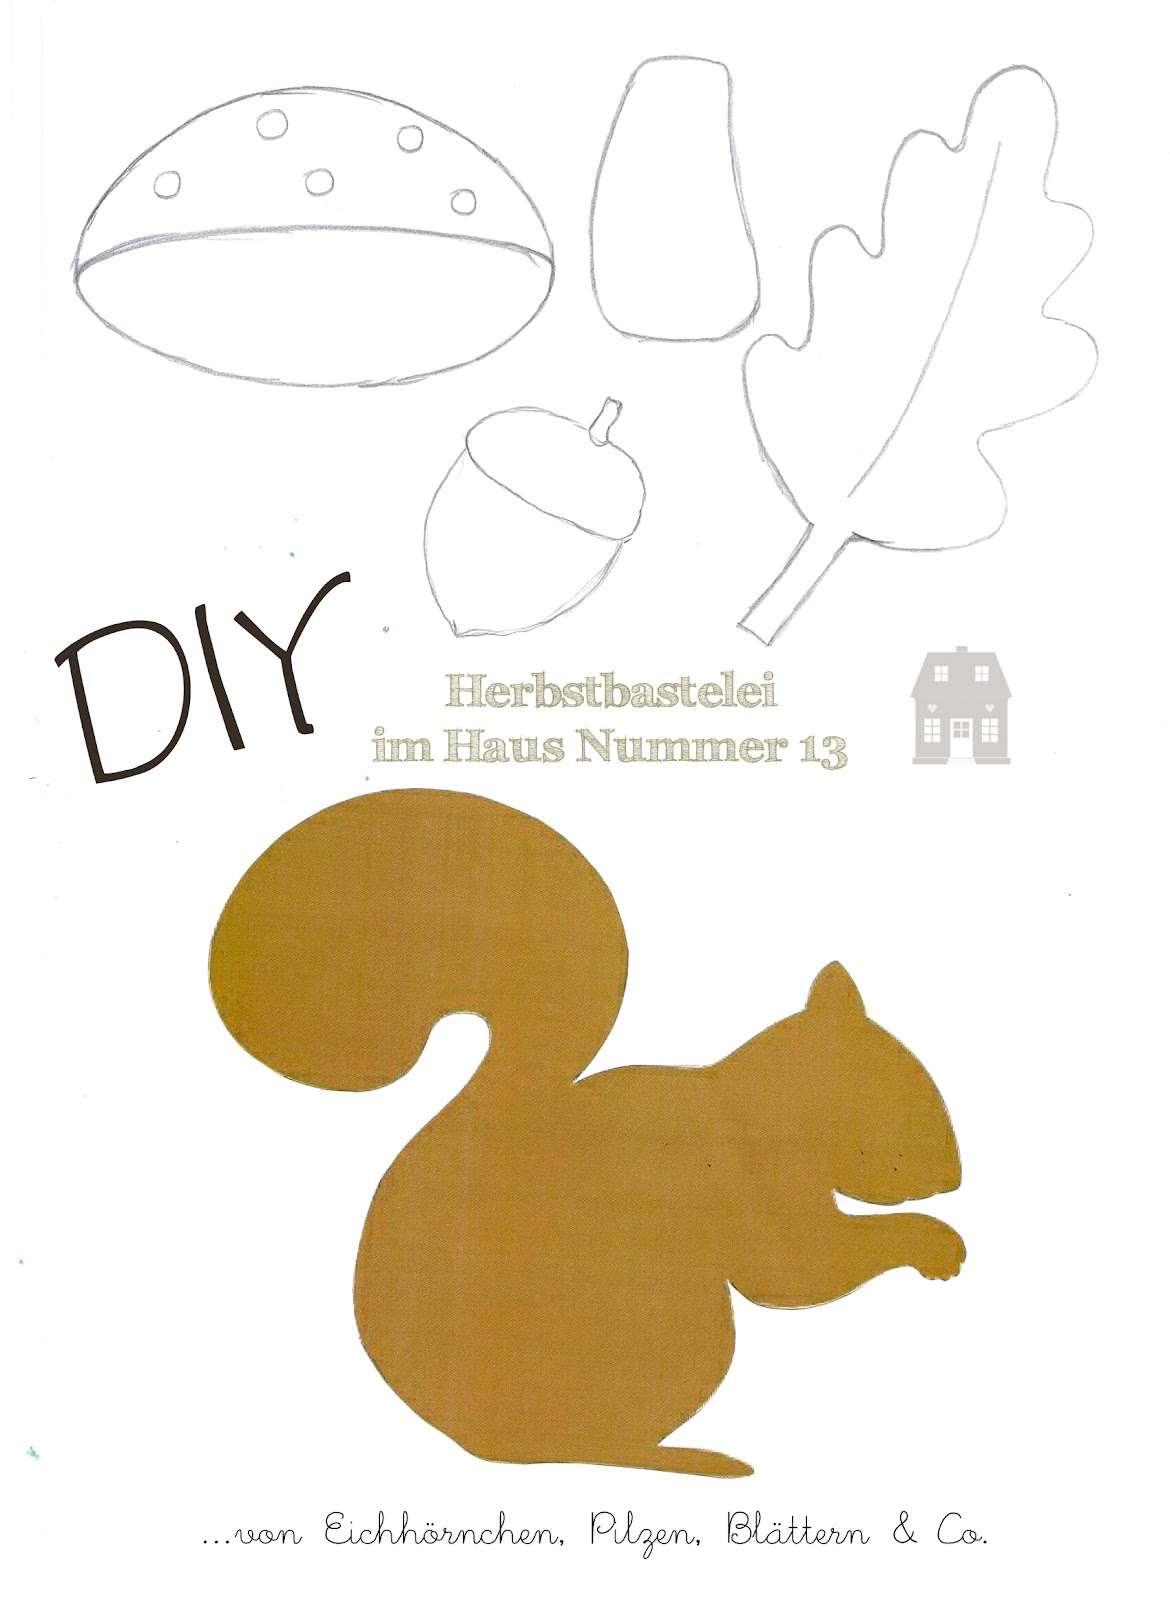 Diy - Herbstbastelei - Haus Nummer 13 bei Eichhörnchen Bastelvorlage